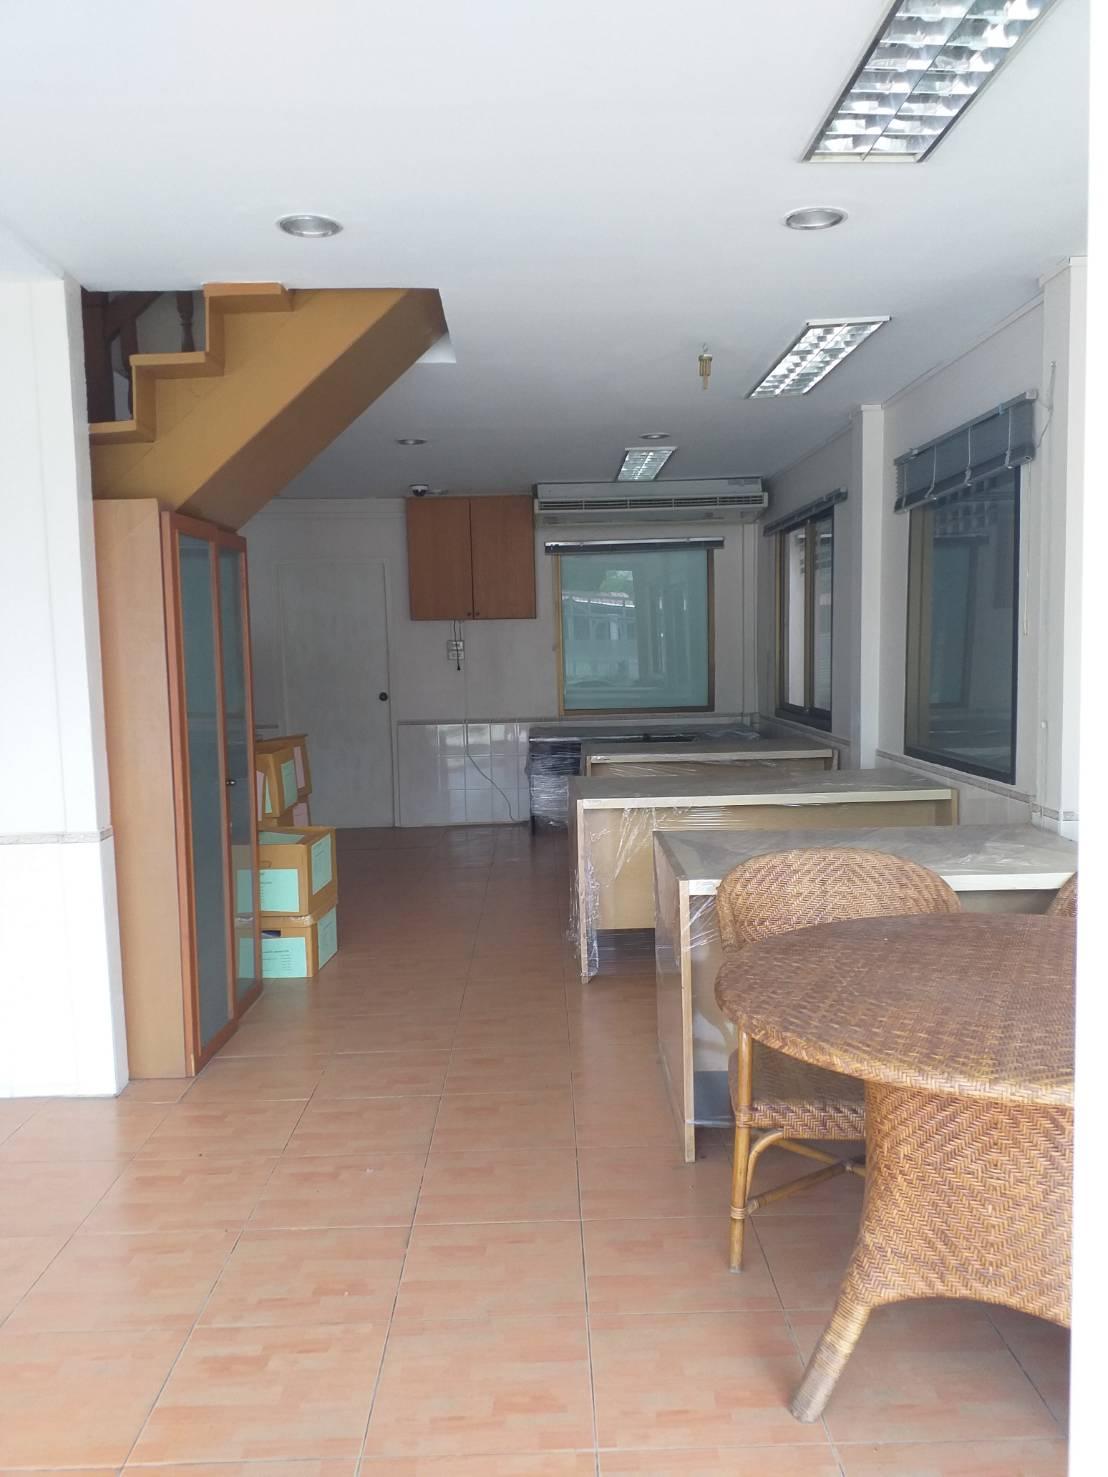 บ้านเดี่ยวบางพลี ถนนกิ่งแก้วซอย41 ราชาเทวะ สมุทรปราการ ทำเป็นโฮมออฟฟิศ พร้อมโกดังขนาดเล็ก ใกล้สนามบินสุวรรณภูมิ